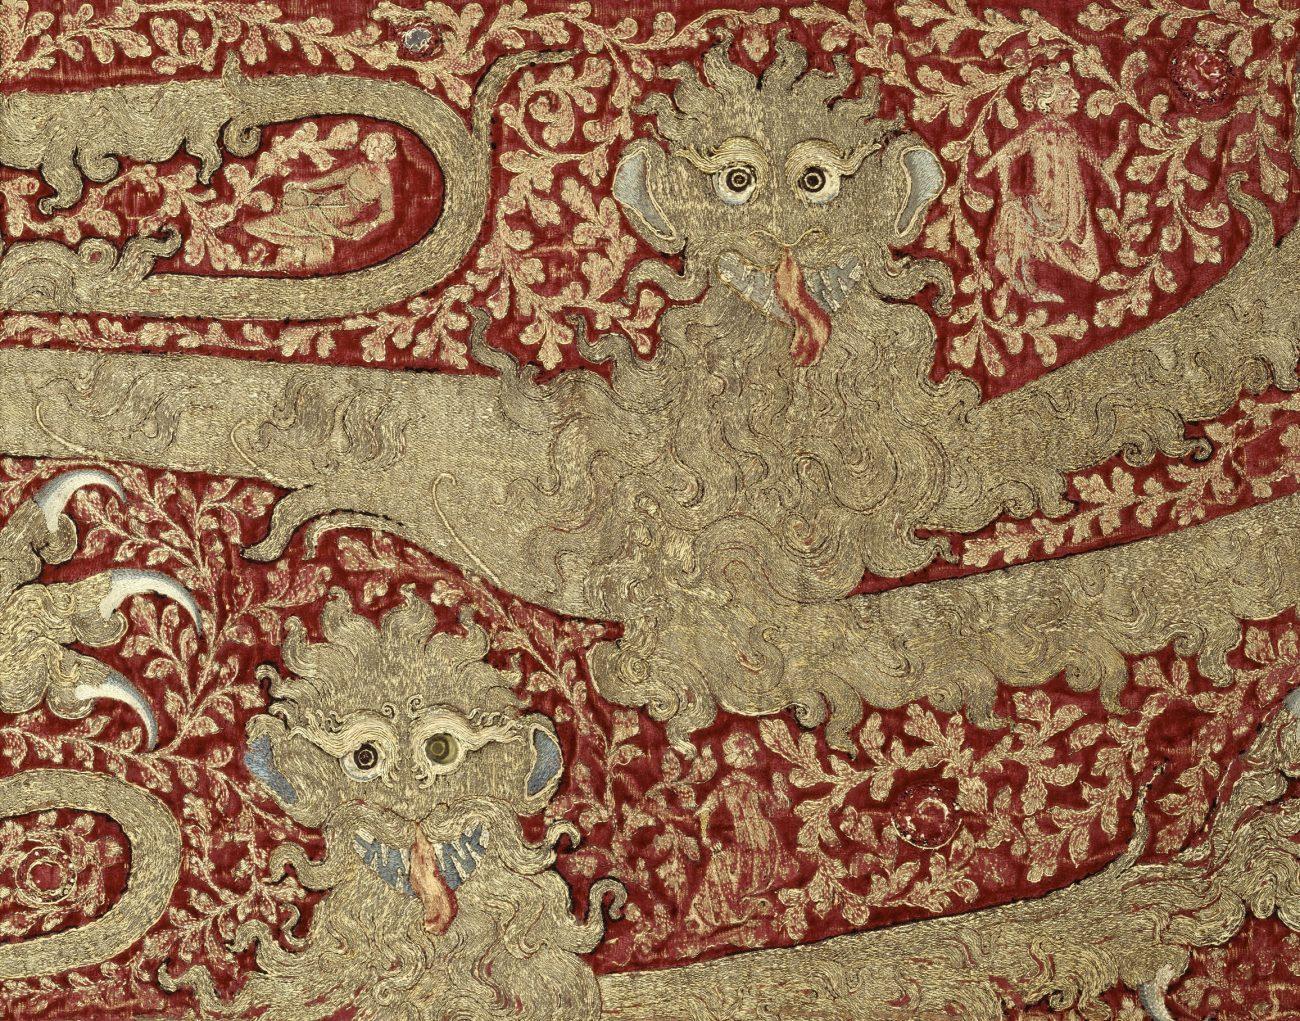 Opus anglicanum - Borduurwerk van luipaarden, gemaakt voor Edward III van Engeland - Museum van Cluny, Nationaal Museum van de Middeleeuwen, Parijs.